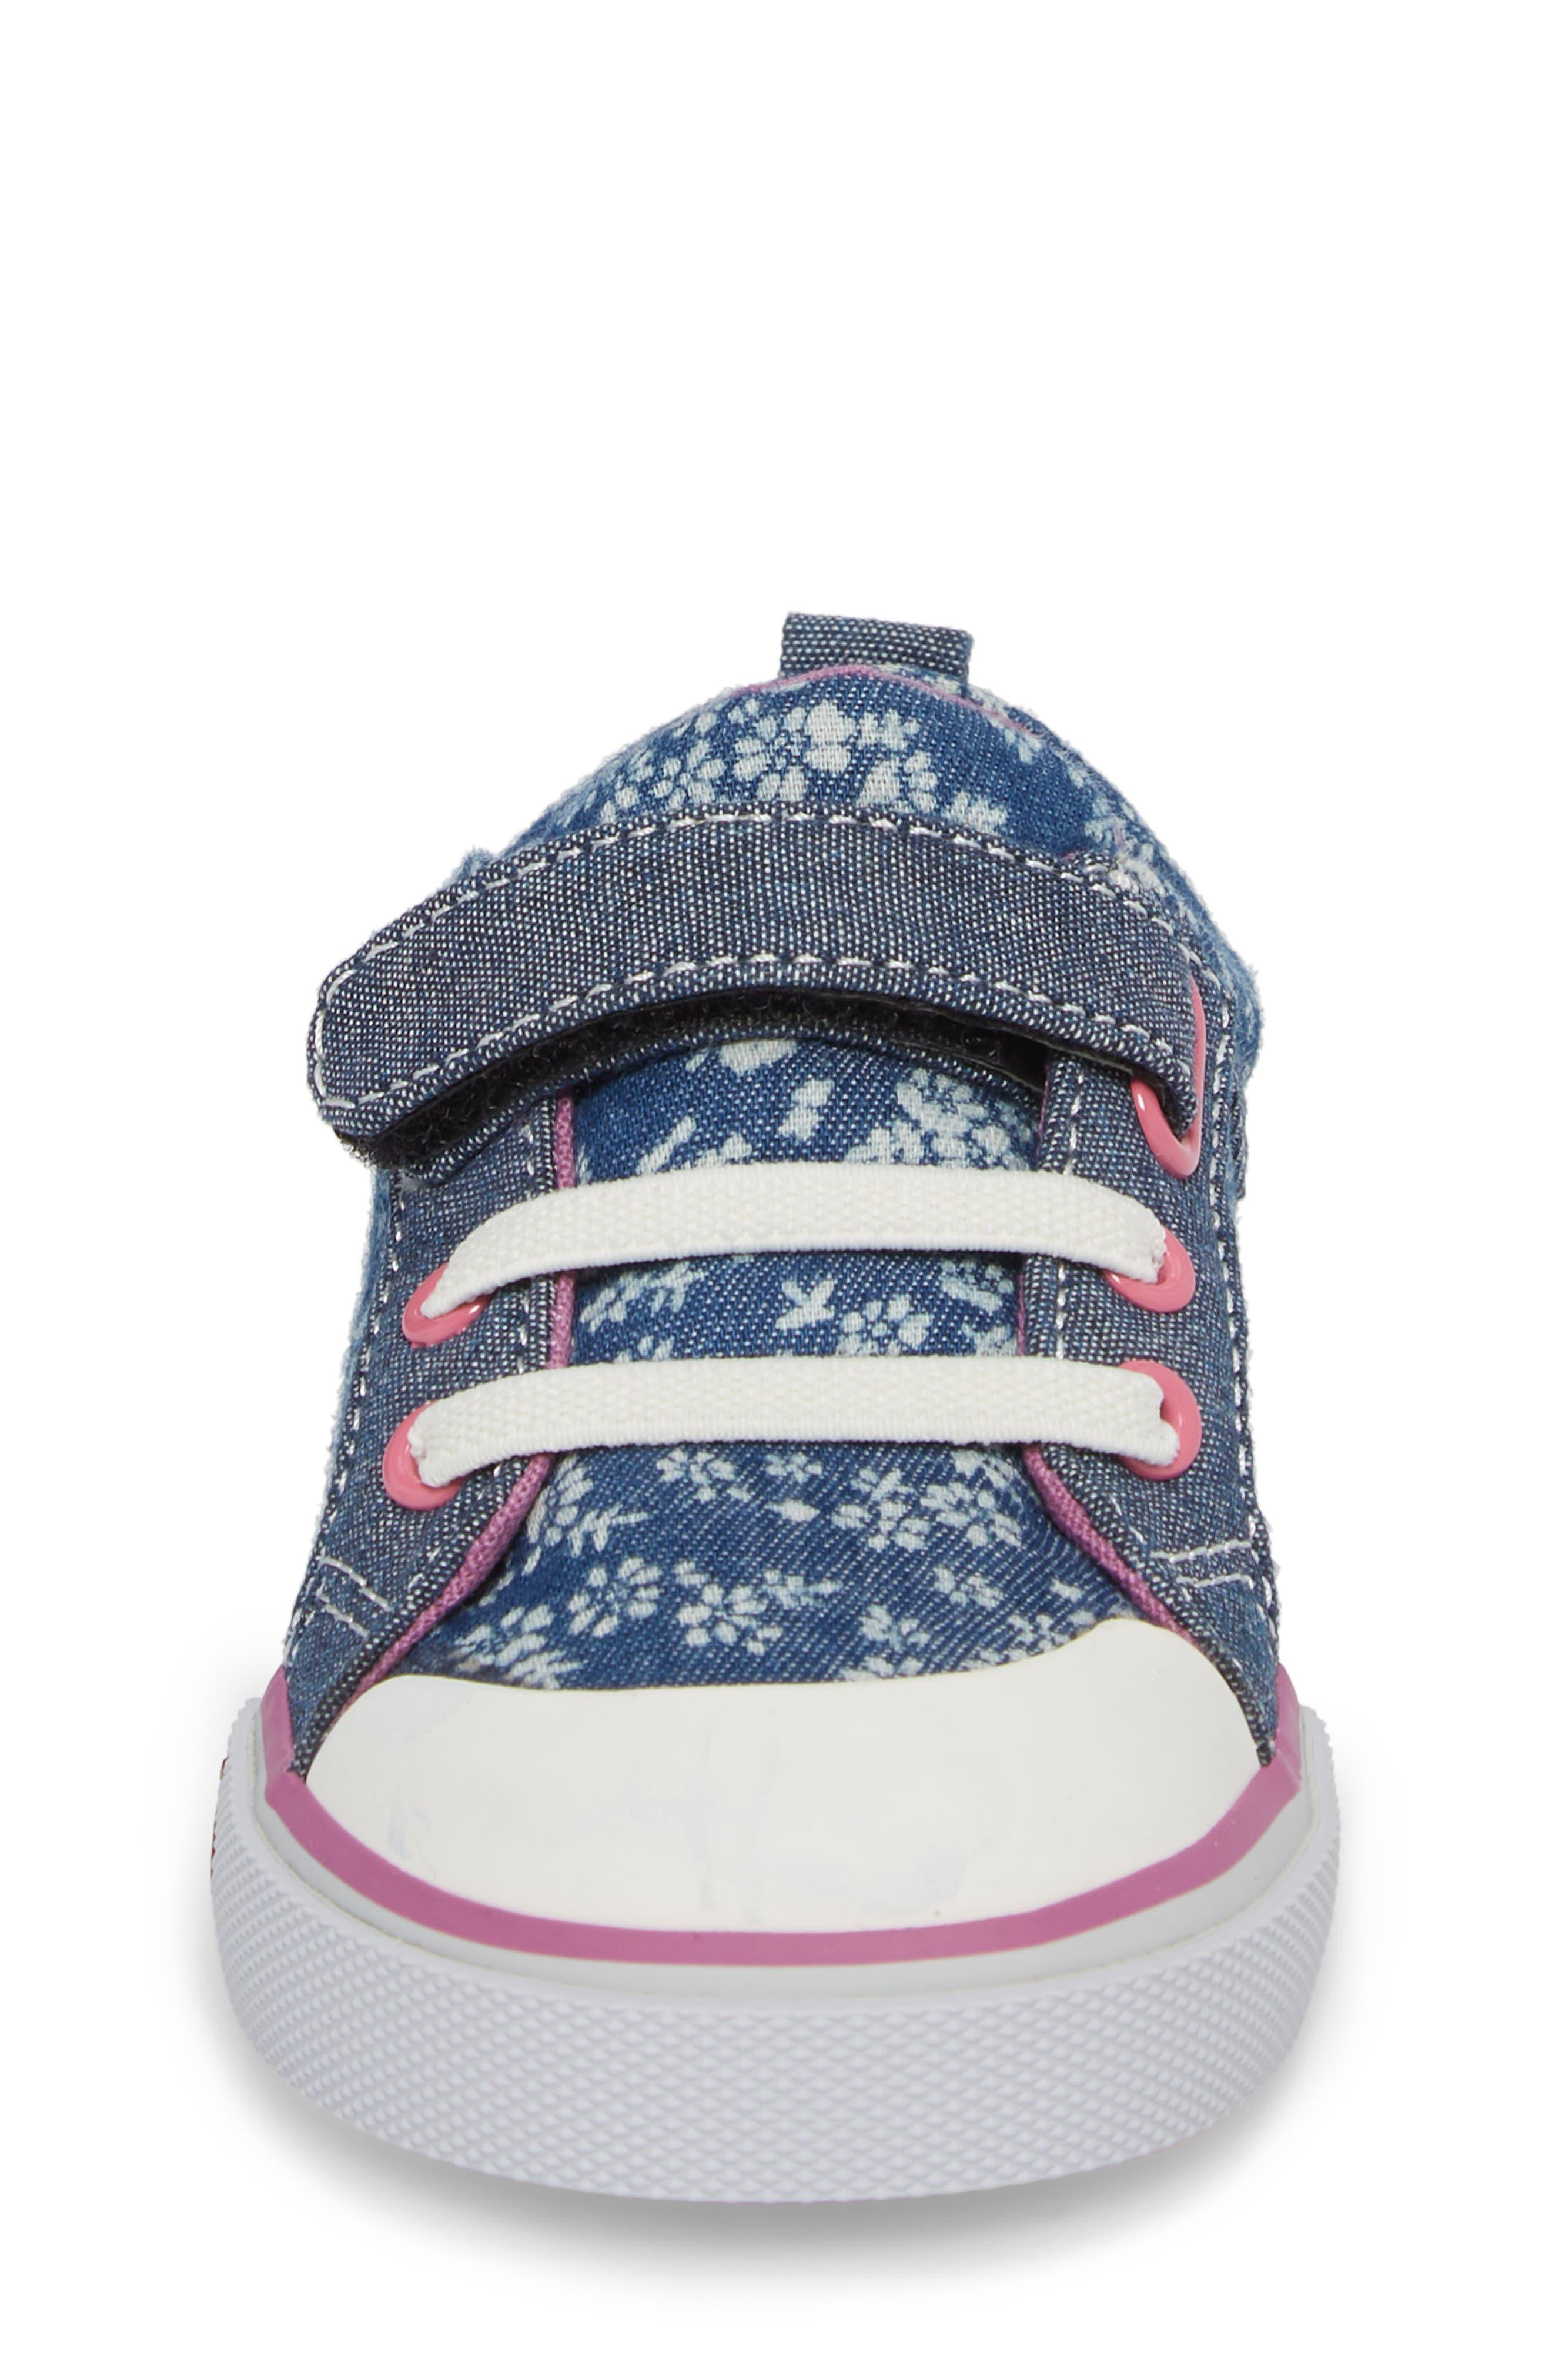 Kristin Sneaker,                             Alternate thumbnail 4, color,                             BLUE FLOWERS